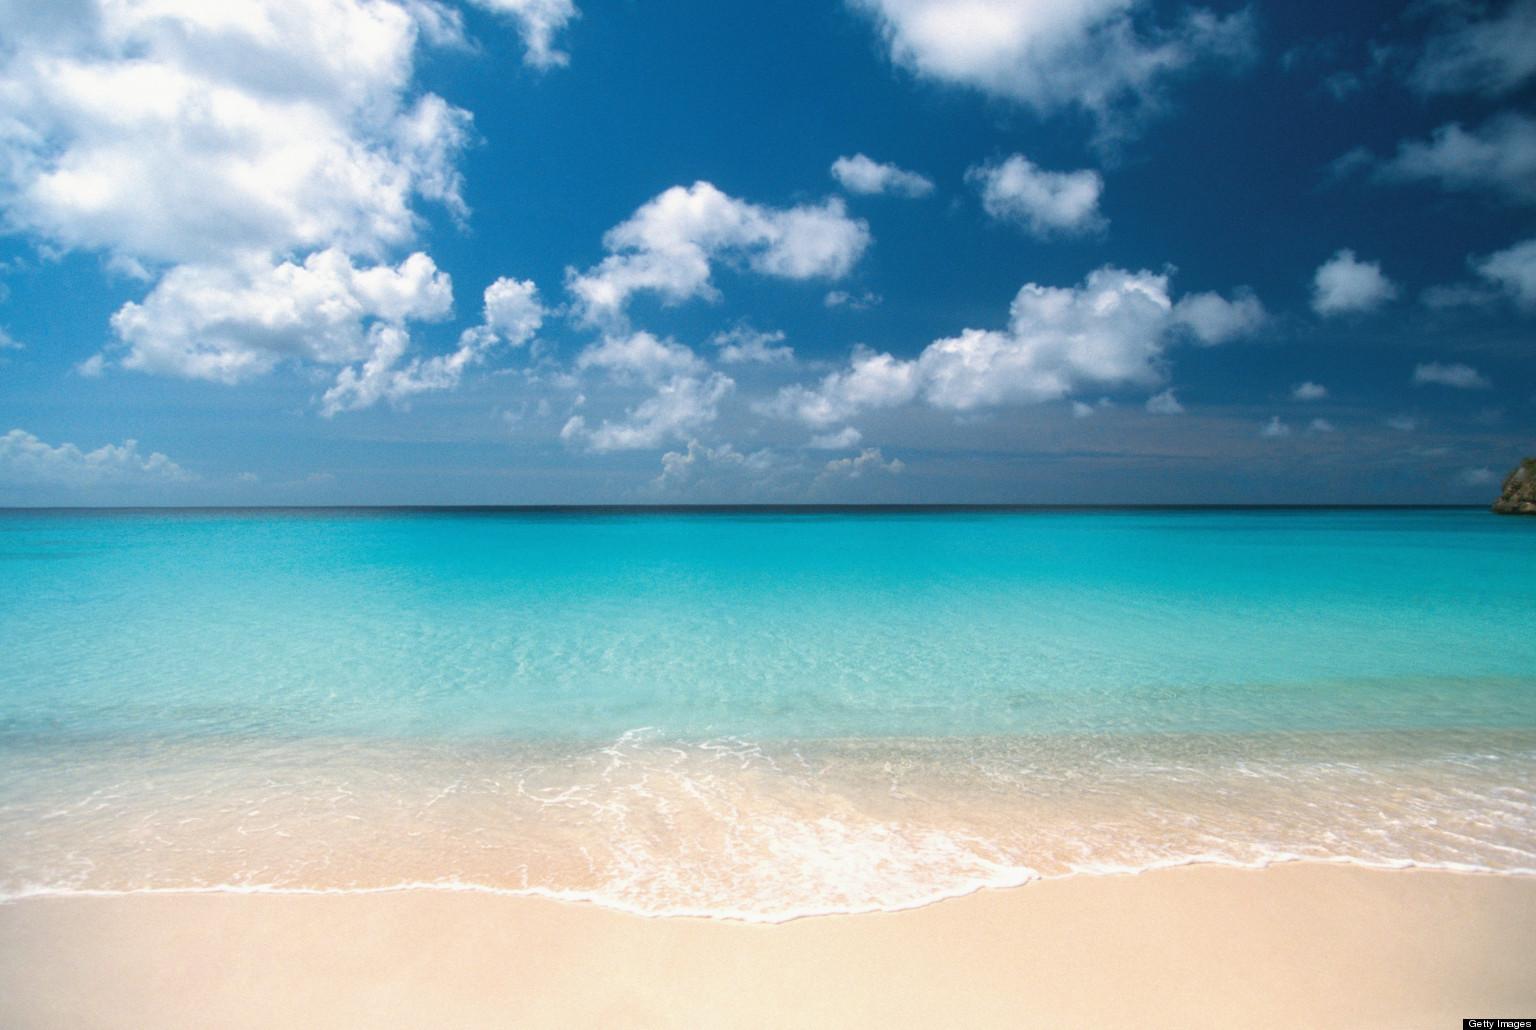 3 Fl Beaches Make Dr Beach S Top 10